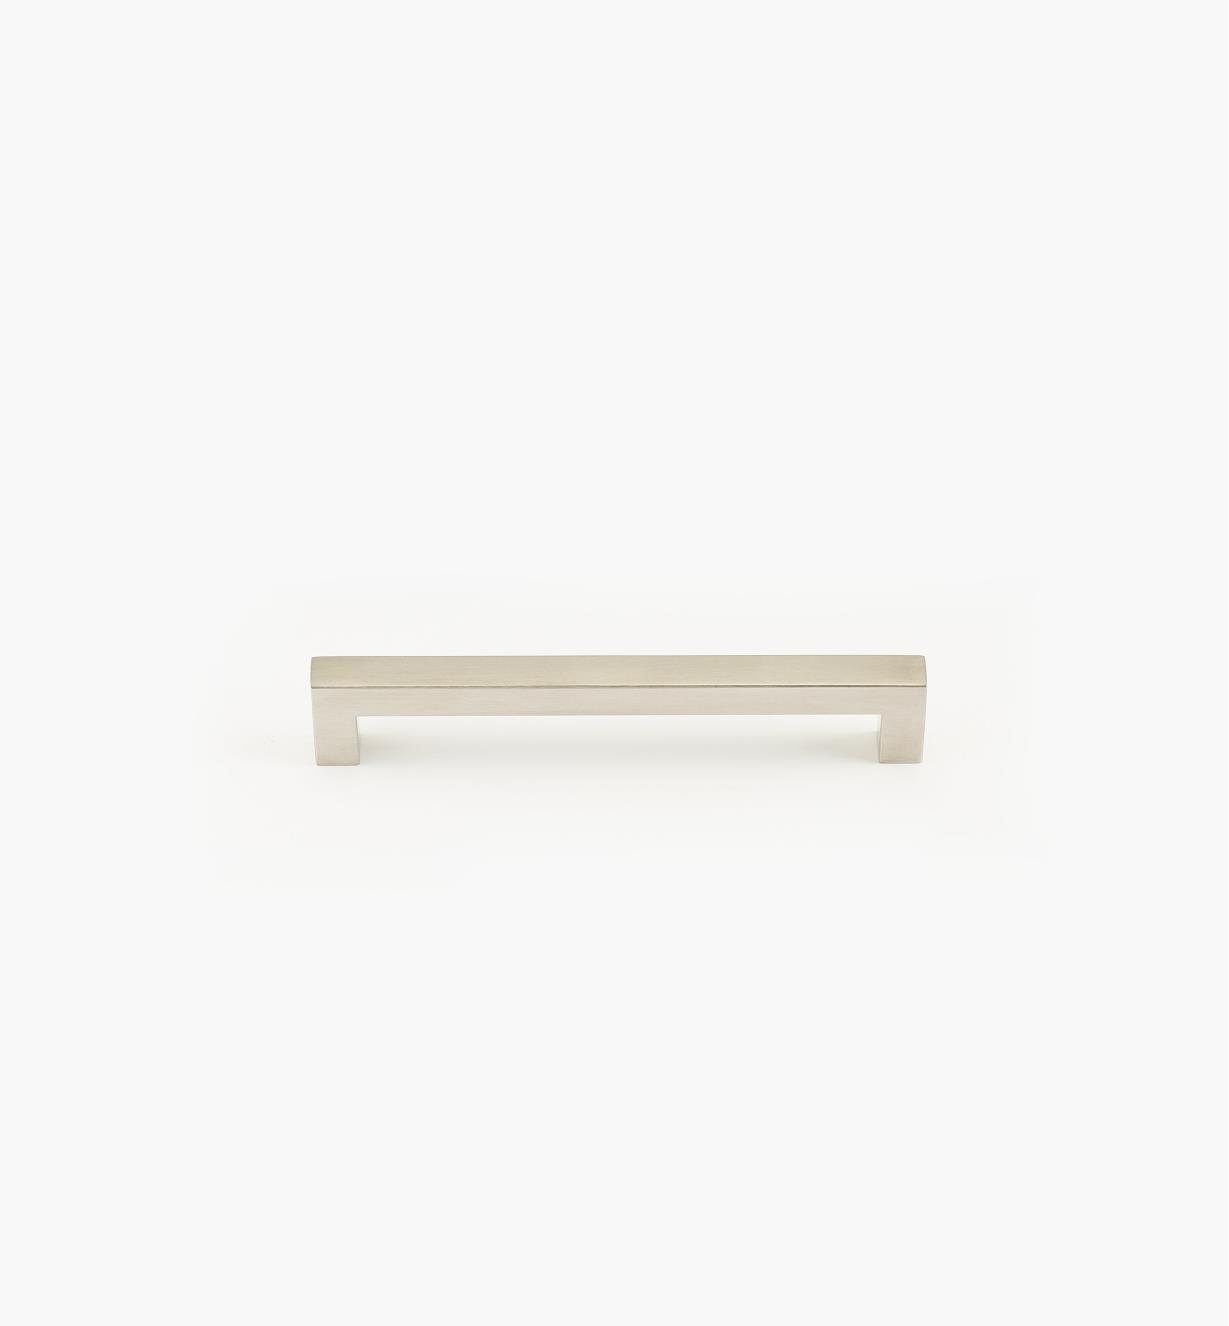 01W8014 - Poignée-tube carrée en acier inoxydable, 192mm